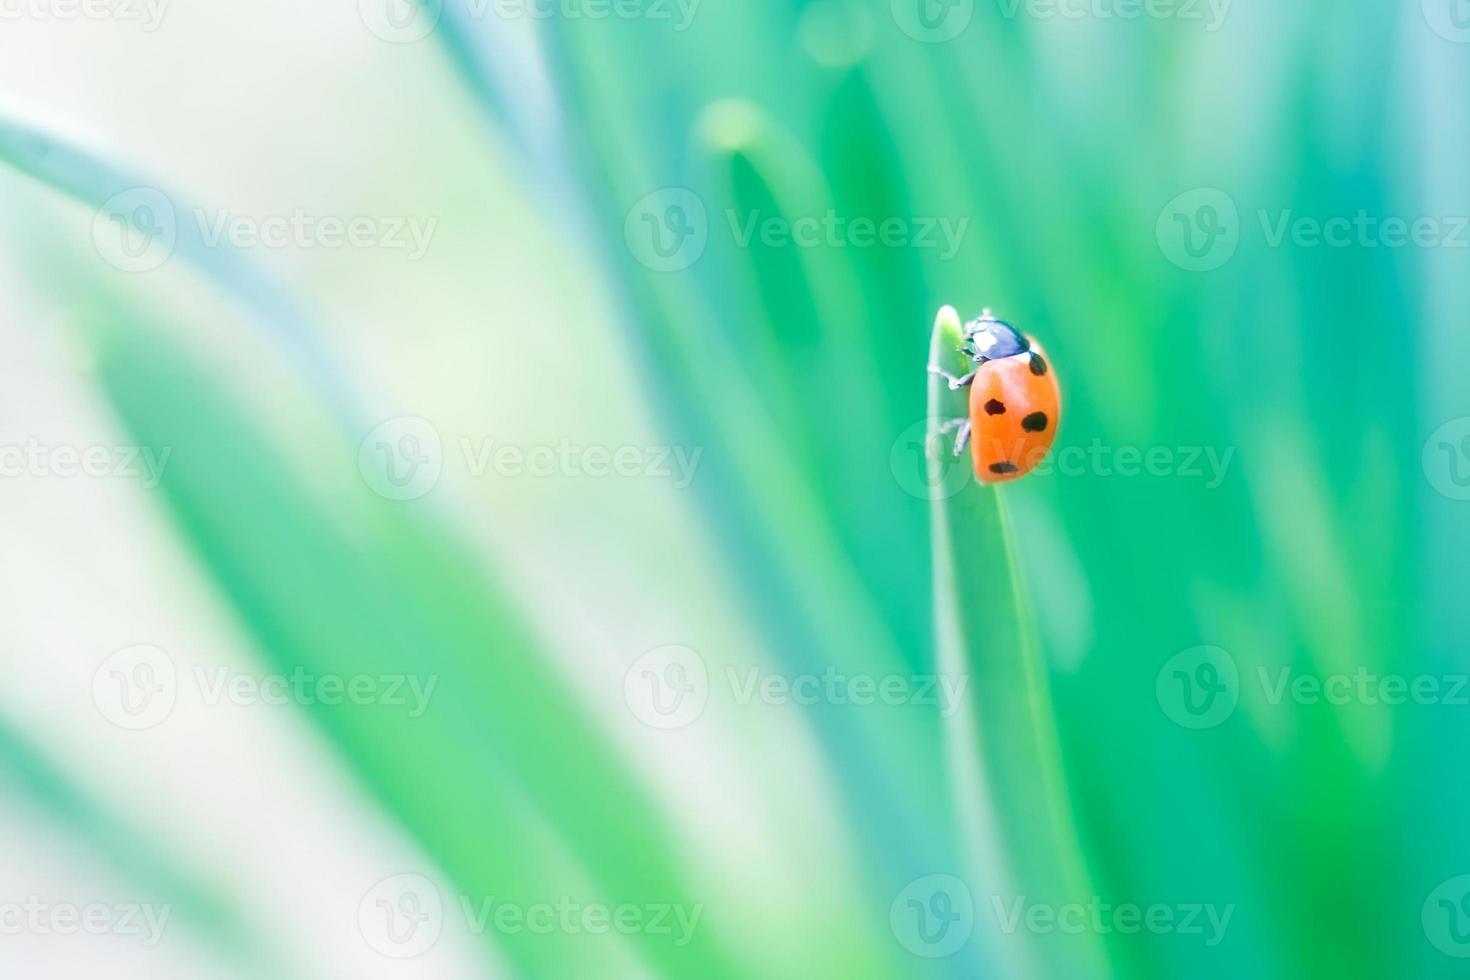 lieveheersbeestje macro foto